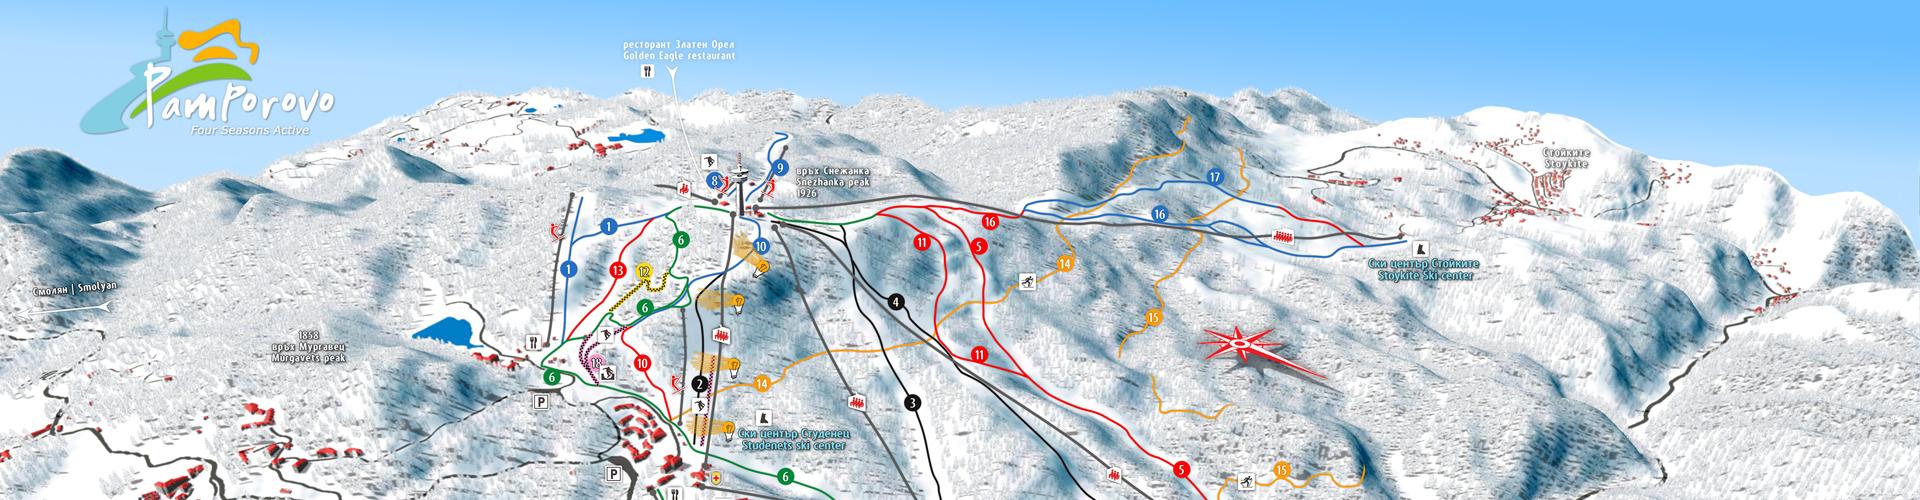 TransferTaxi-EUROPE | pamporovo-ski-zone - TransferTaxi-EUROPE